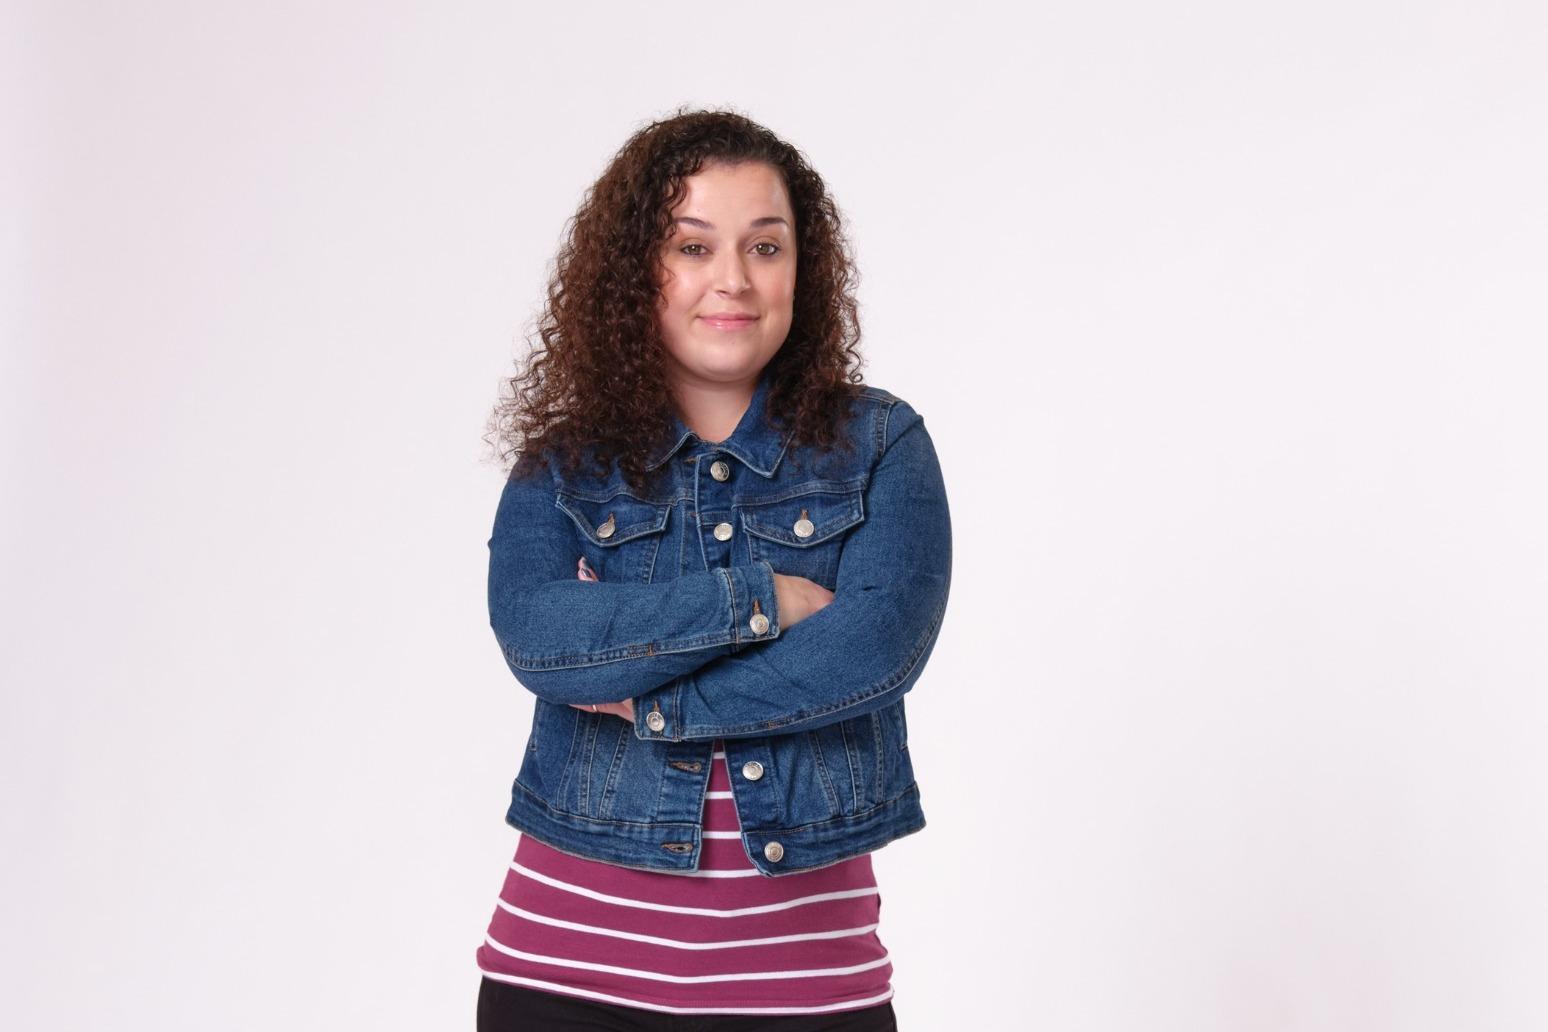 Dani Harmer to return as Tracy Beaker in new TV series The Beaker Girls